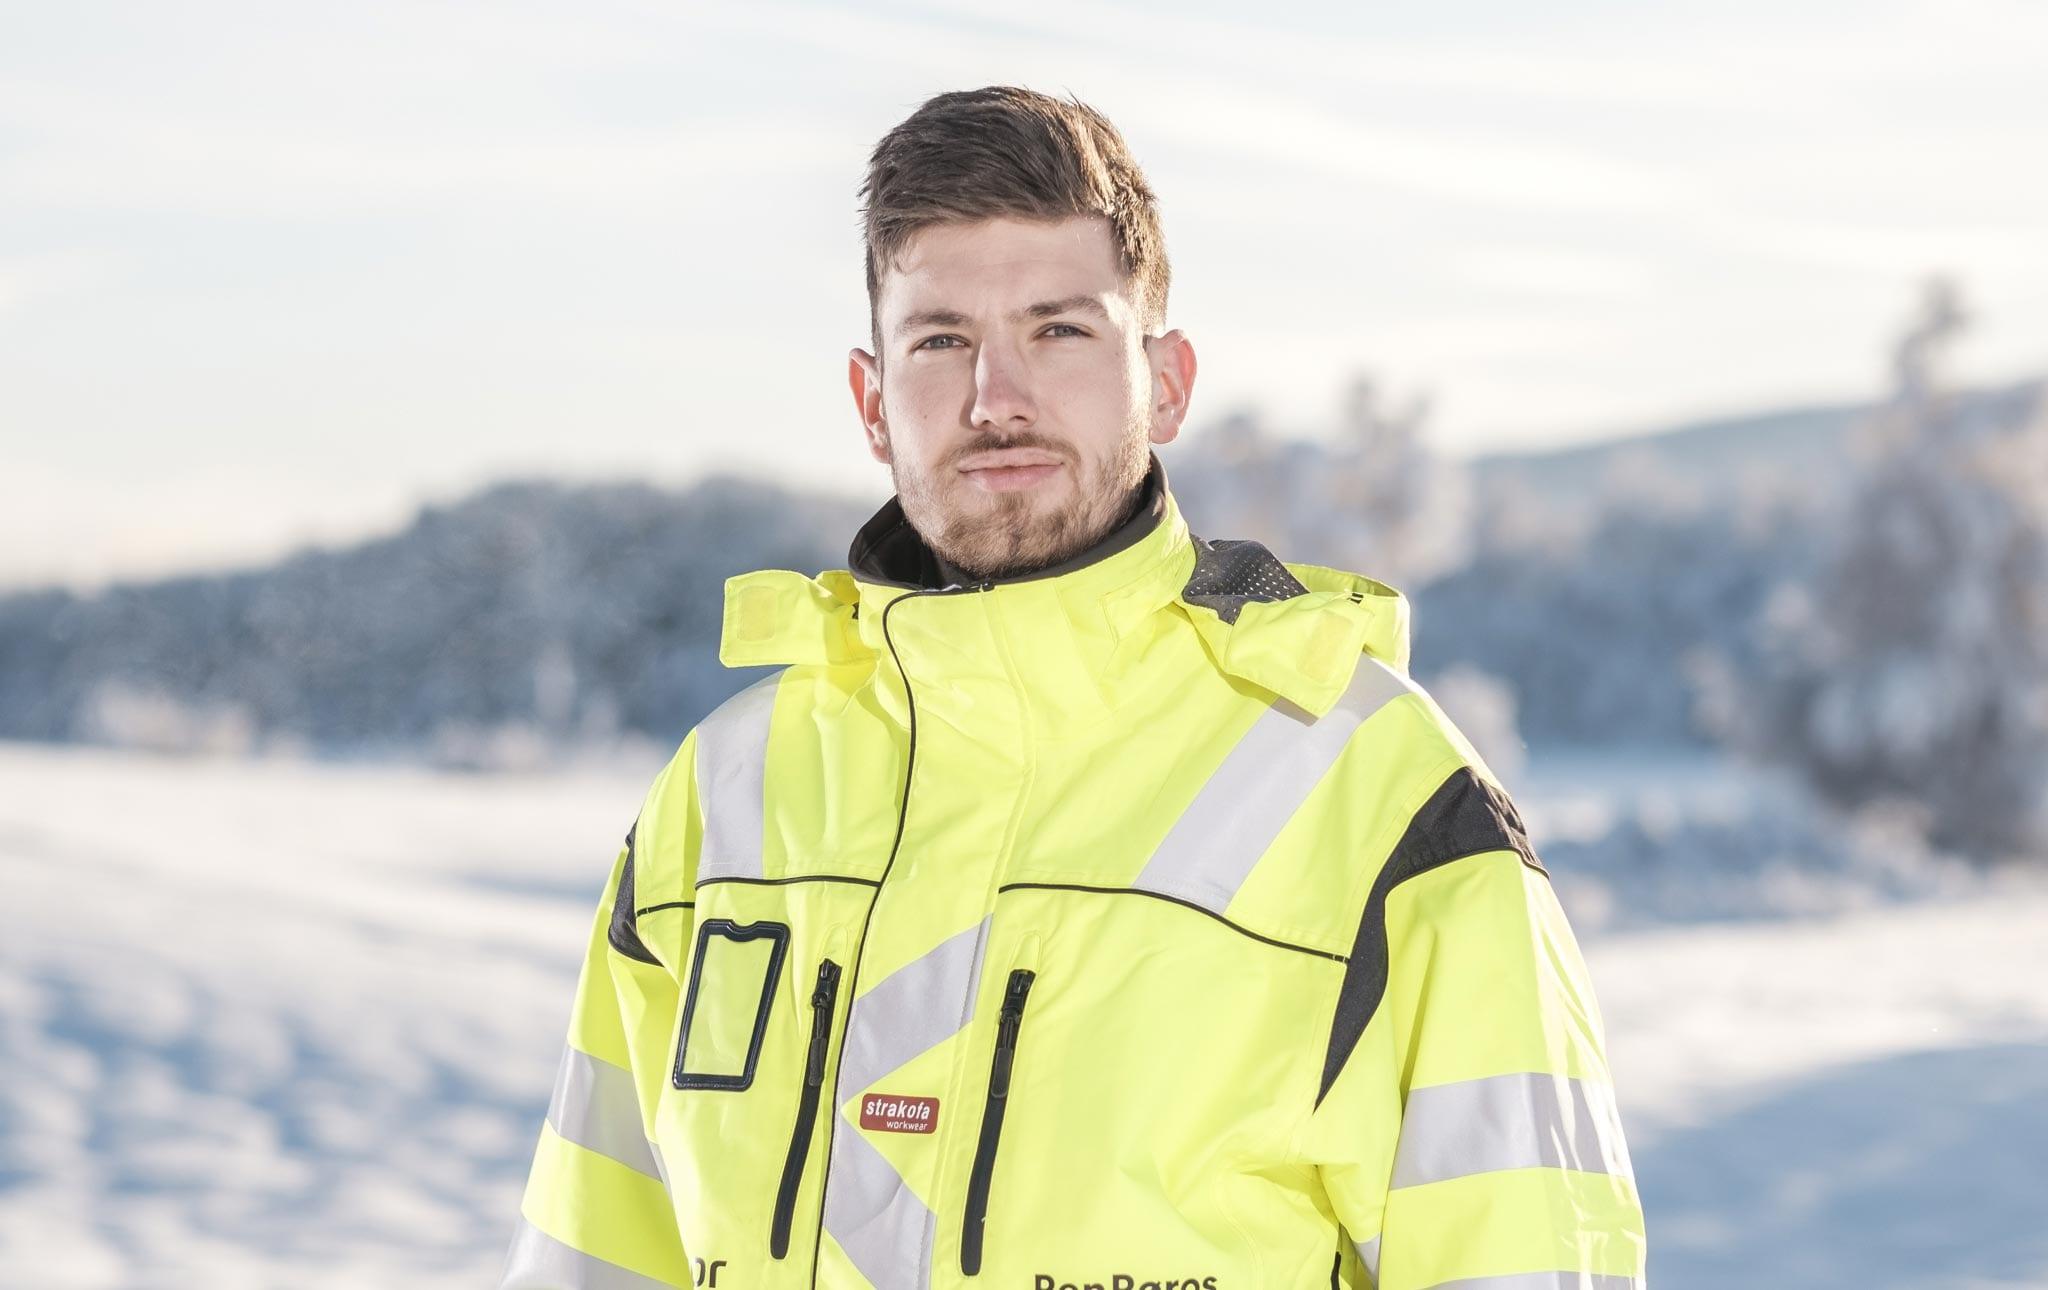 Håkon Skjervagen Berg